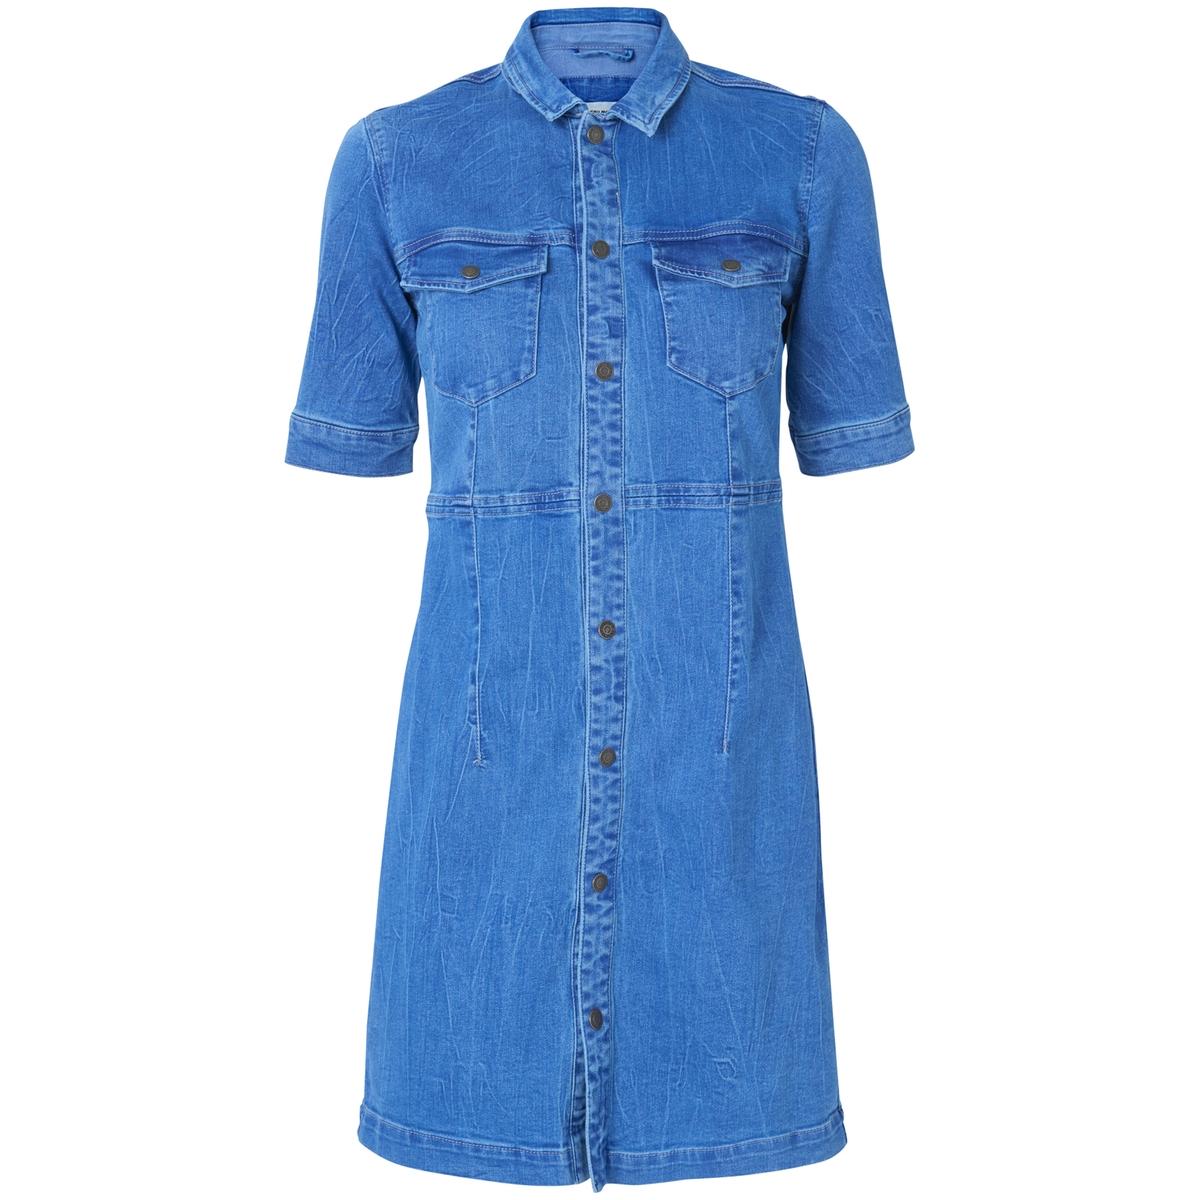 Платье-рубашка из денимаПлатье-рубашка с короткими рукавами из денима VERO MODA. Приталенный покрой, воротник со свободными уголками. Два кармана с клапаном на груди. Застежка на пуговицы сверху до низу. Состав и описание  :Материал : 79% хлопка, 19% полиэстера, 2% эластана                                                              Марка : VERO MODA                 Уход :        Машинная стирка при 30 °С<br><br>Цвет: светло-синий<br>Размер: XS